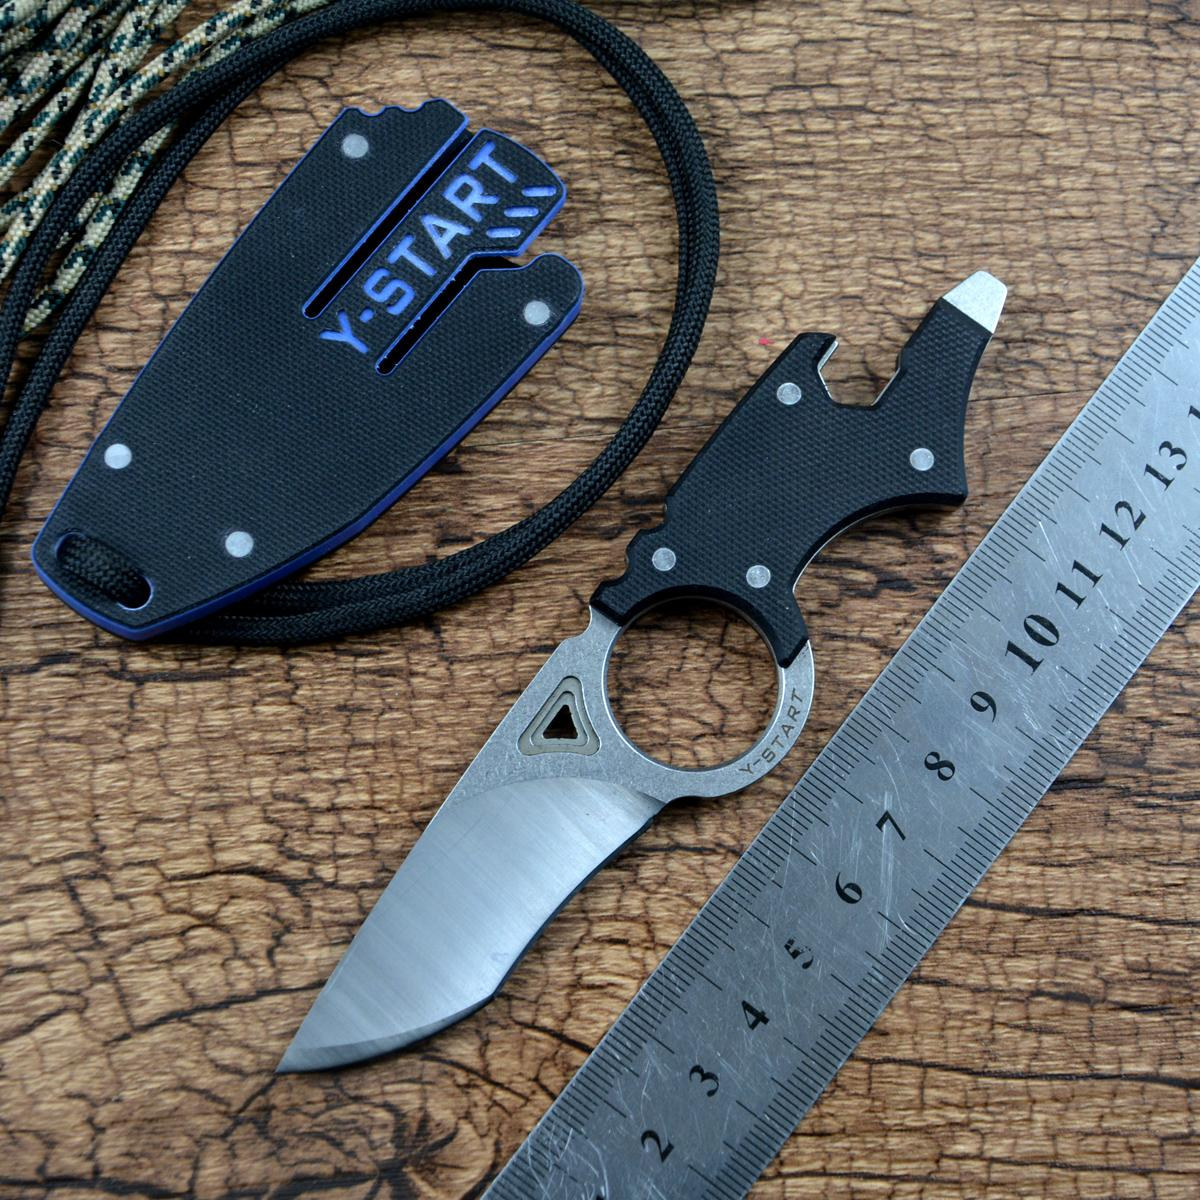 Y-AVVIO MK5002 multifunzionale del collo Utility Knife D2 Lama con G10 il caso Multi fisso Coltelli da campeggio esterno di EDC Strumenti